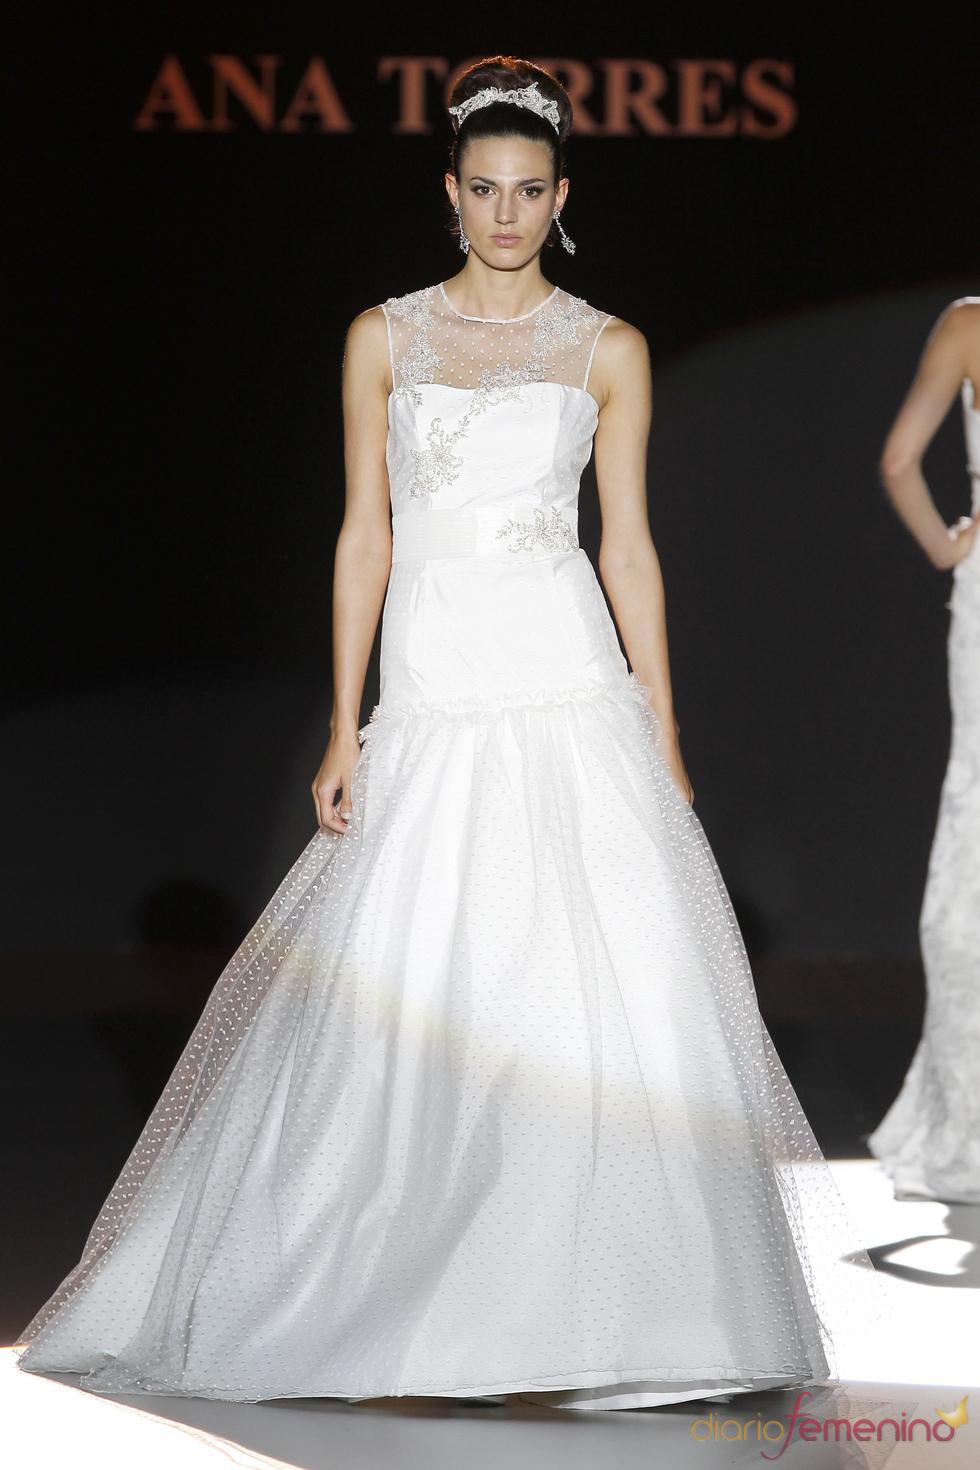 Vestido con transparencia de Ana Torres